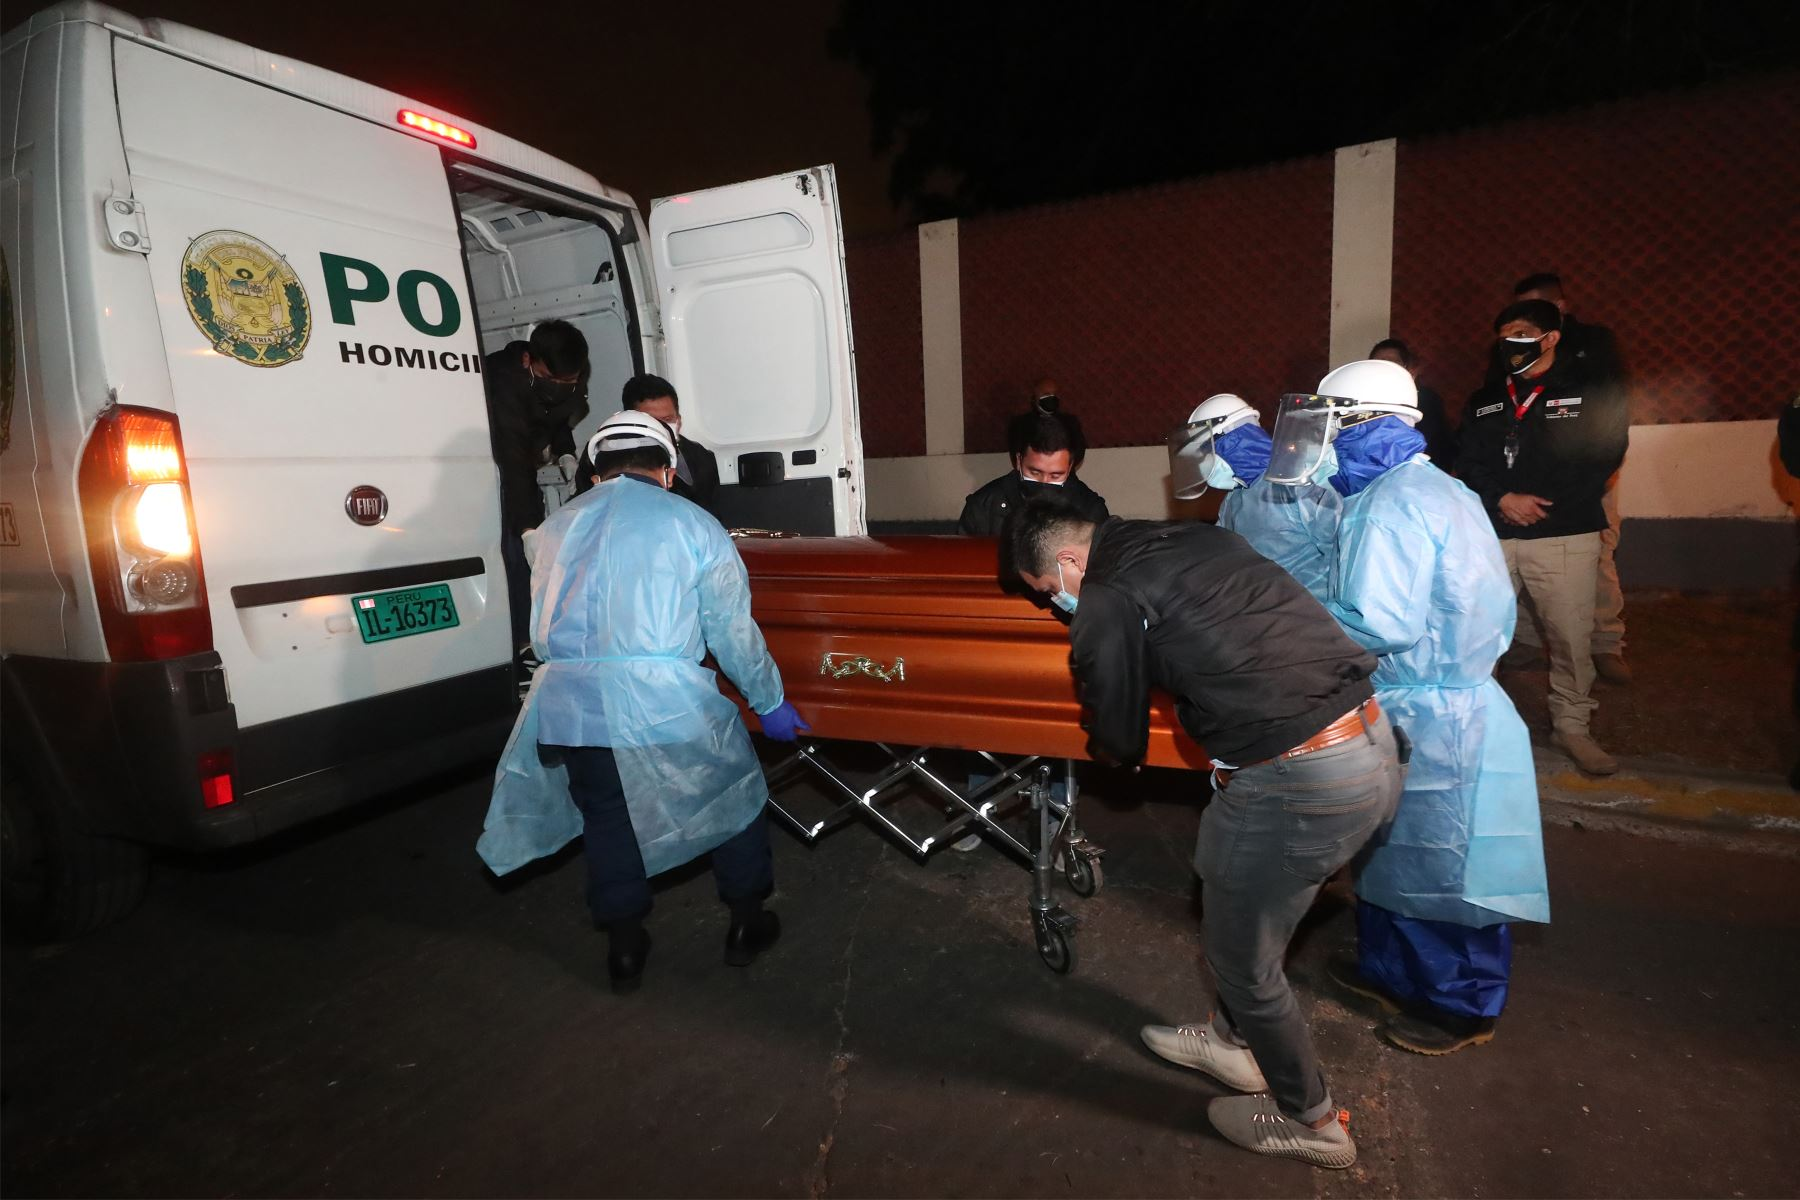 El Ministerio del Interior, Juan Carrasco informó que los restos del cabecilla terrorista, Abimael Guzmán, fueron cremados esta madrugada en la sede del Hospital Centro Médico Naval del Callao. Foto: Mininter